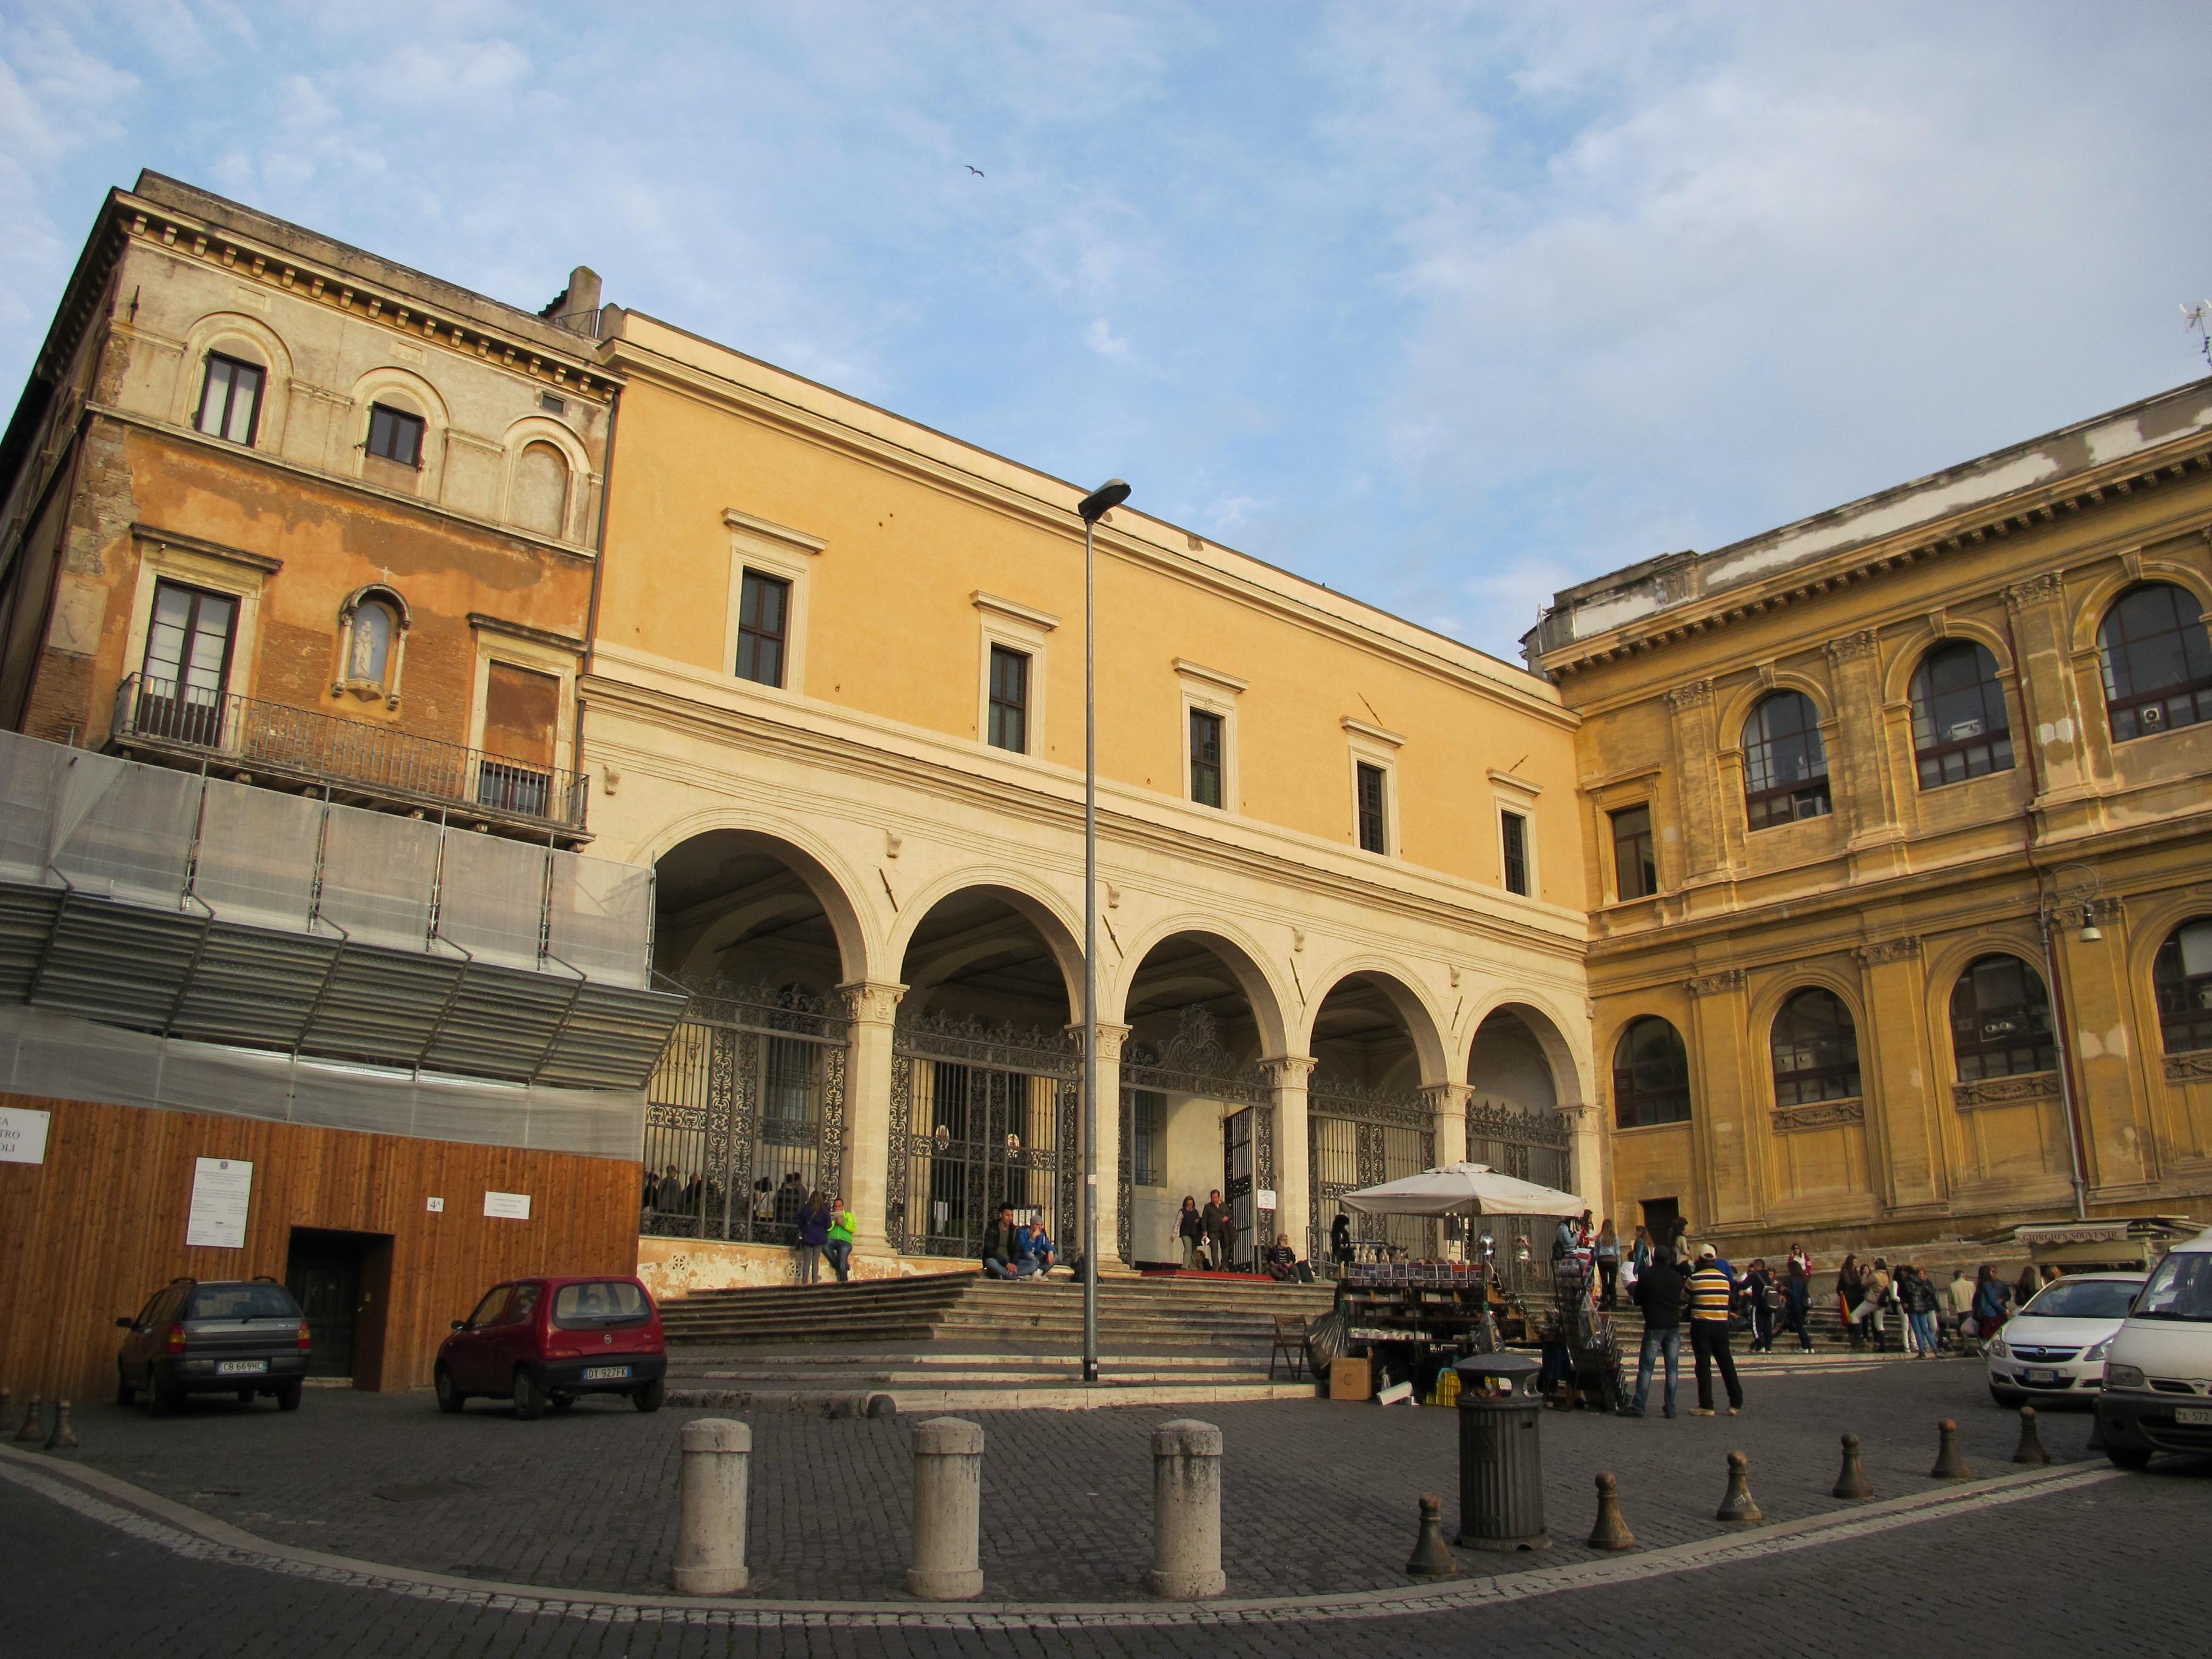 Il Portico Di Sam san pietro in vincoli - wikipedia